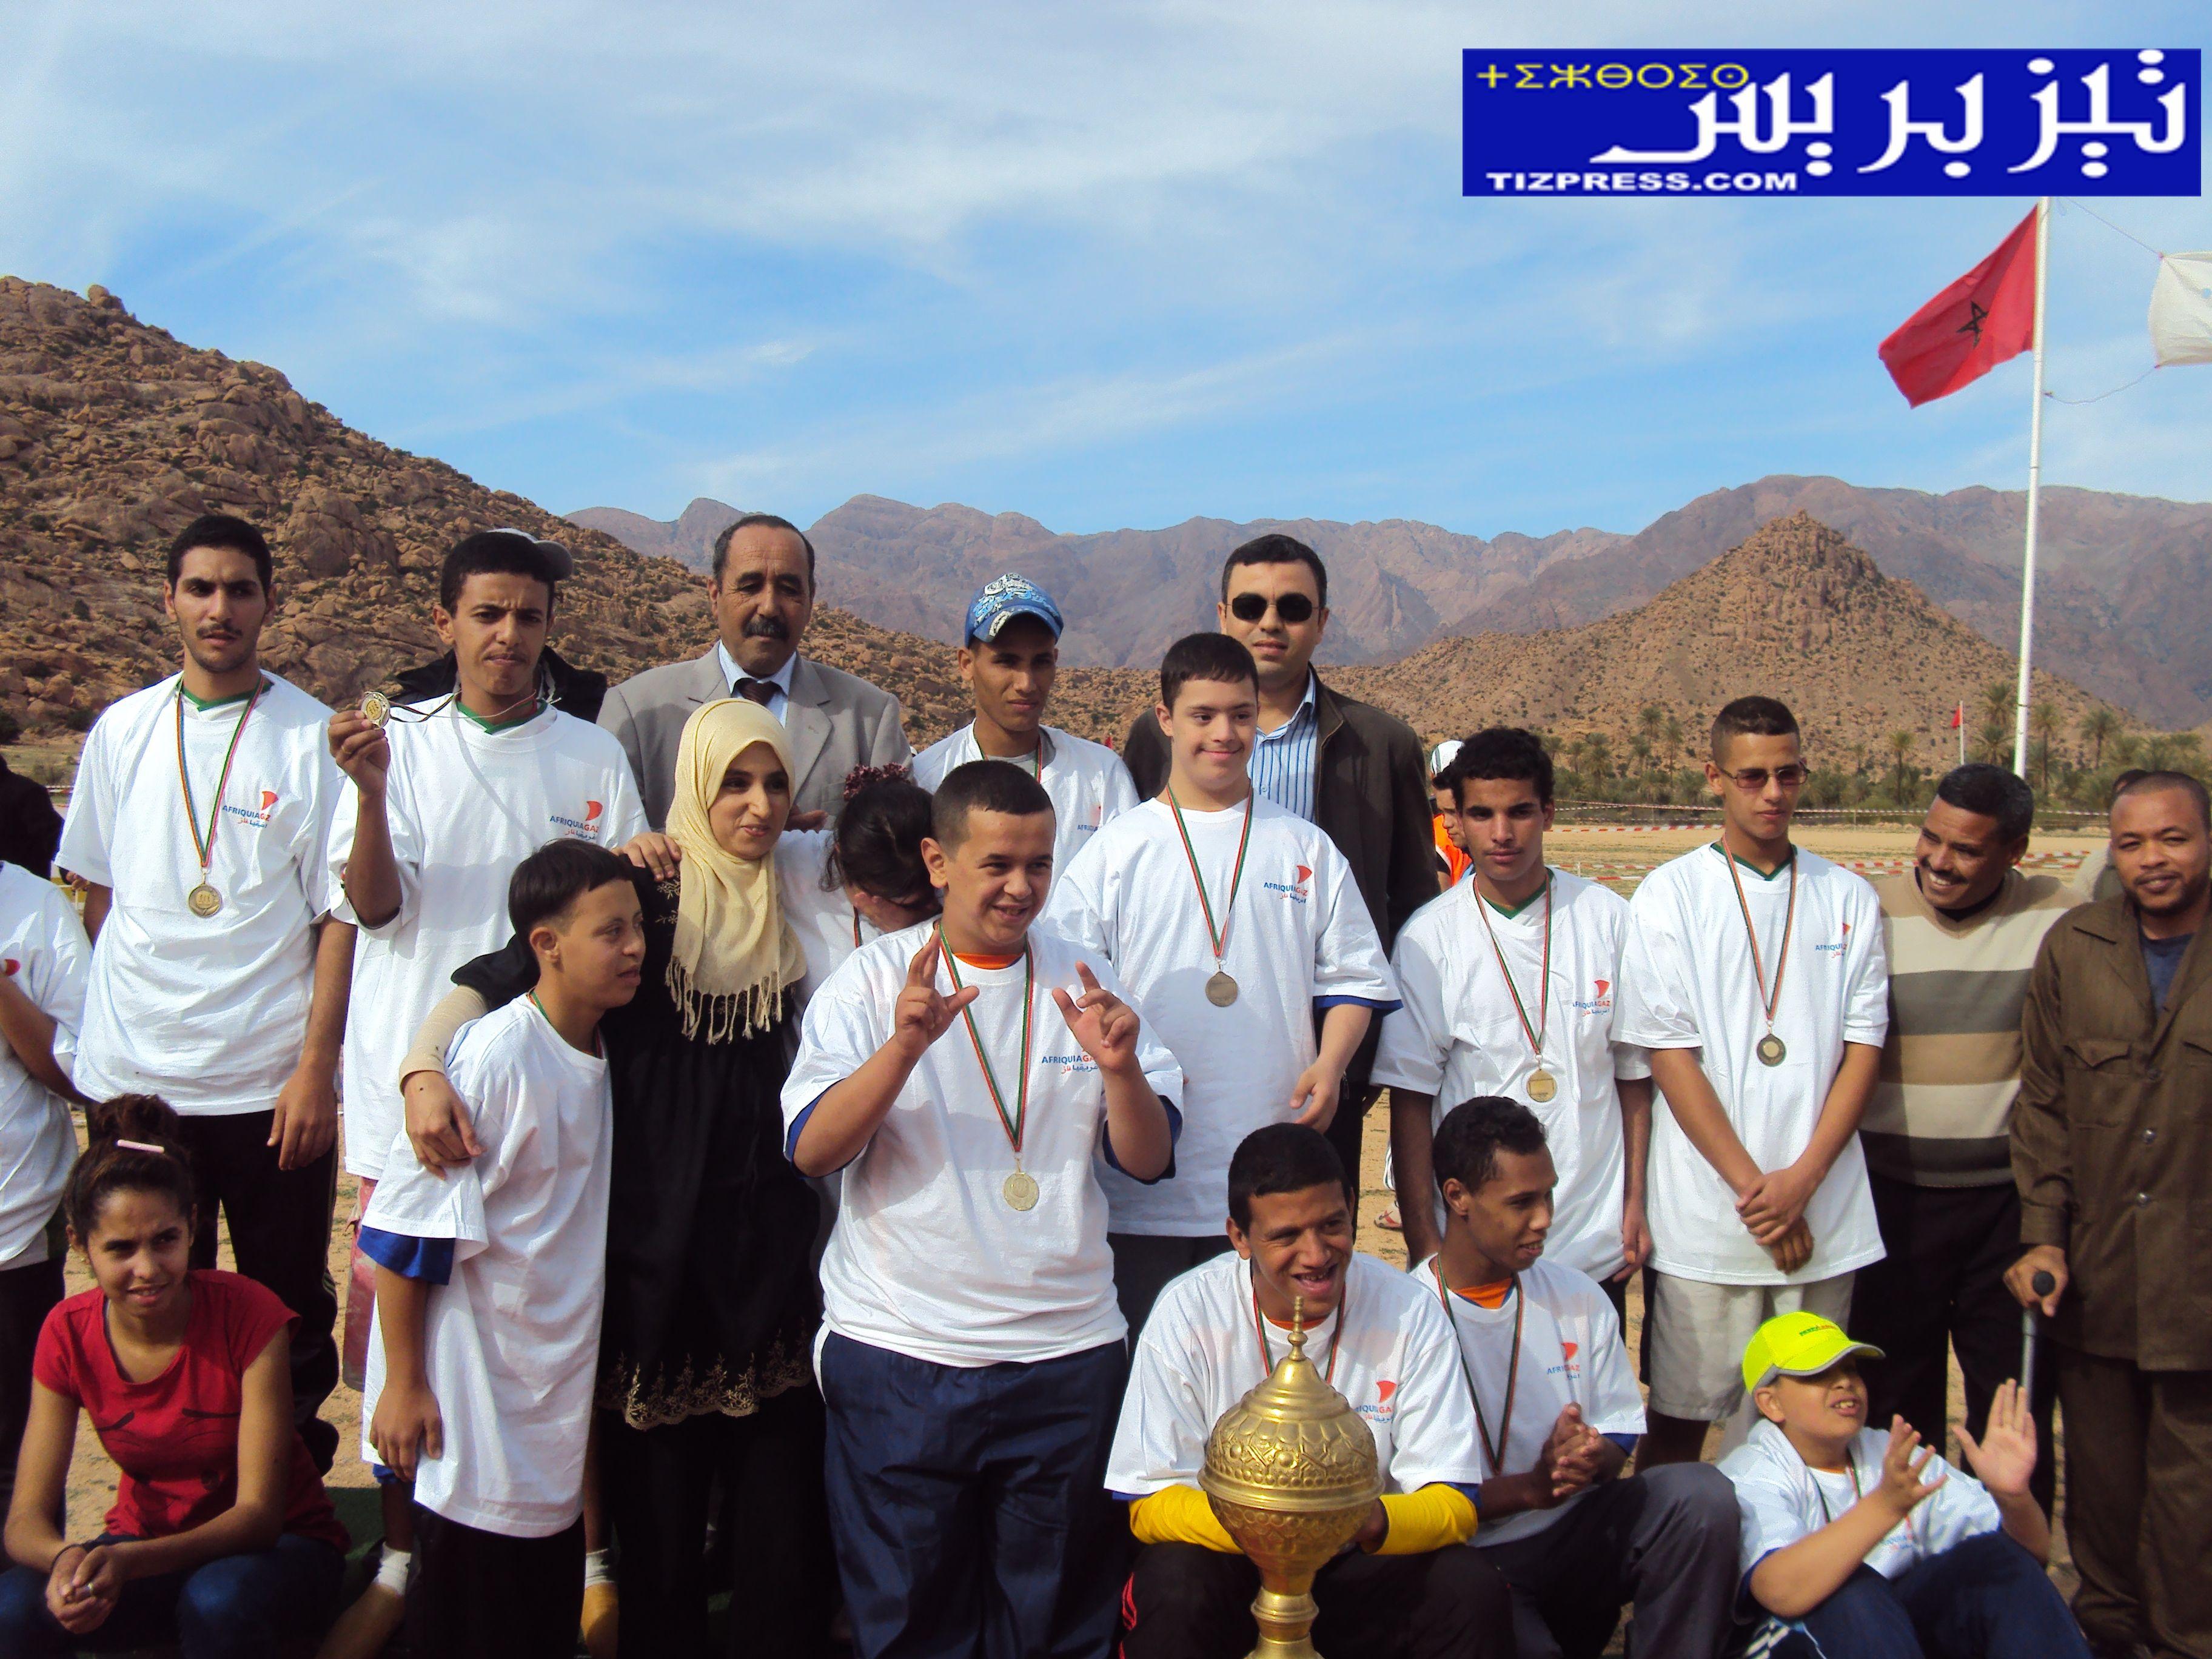 الرياضة المدرسية والرياضة المدنية في أفق شراكة فاعلة بجهة سوس ماسة درعة